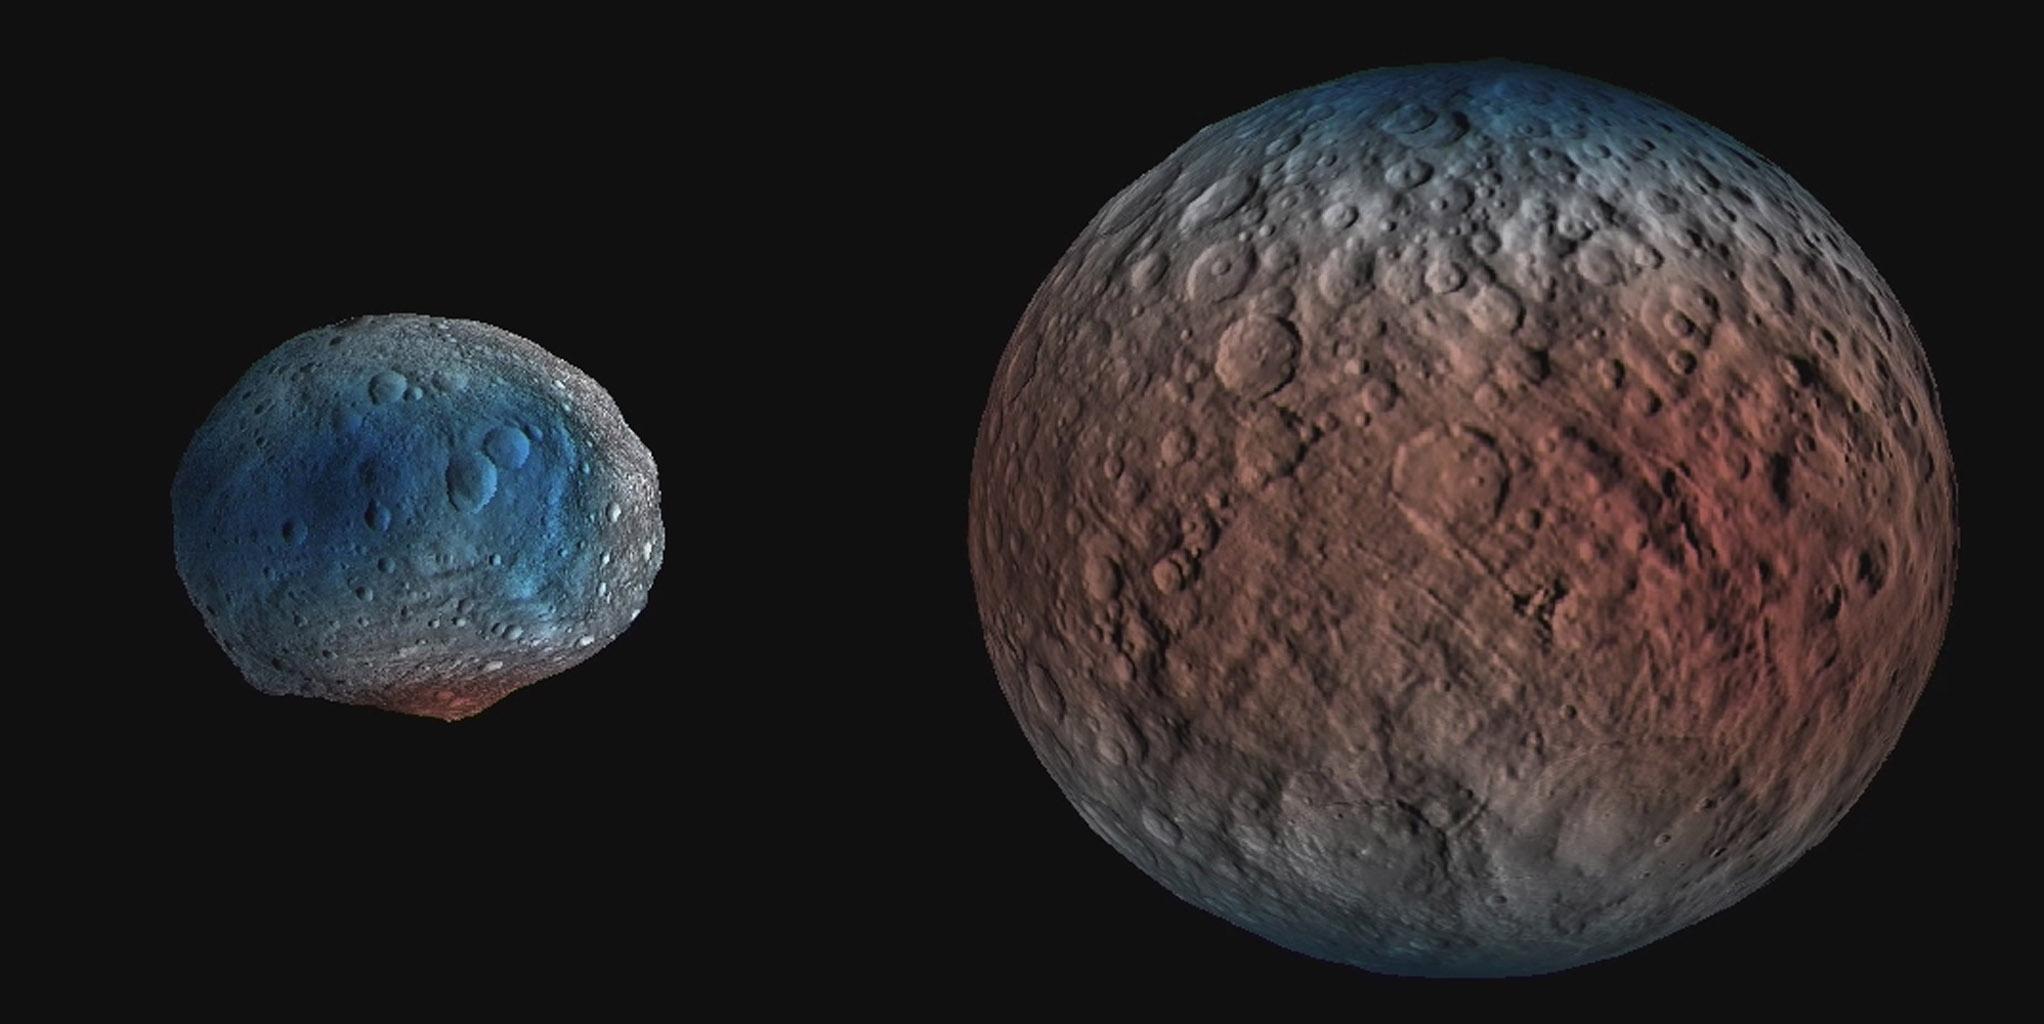 Ученые обнаружили водяной лед на черной стороне Цереры